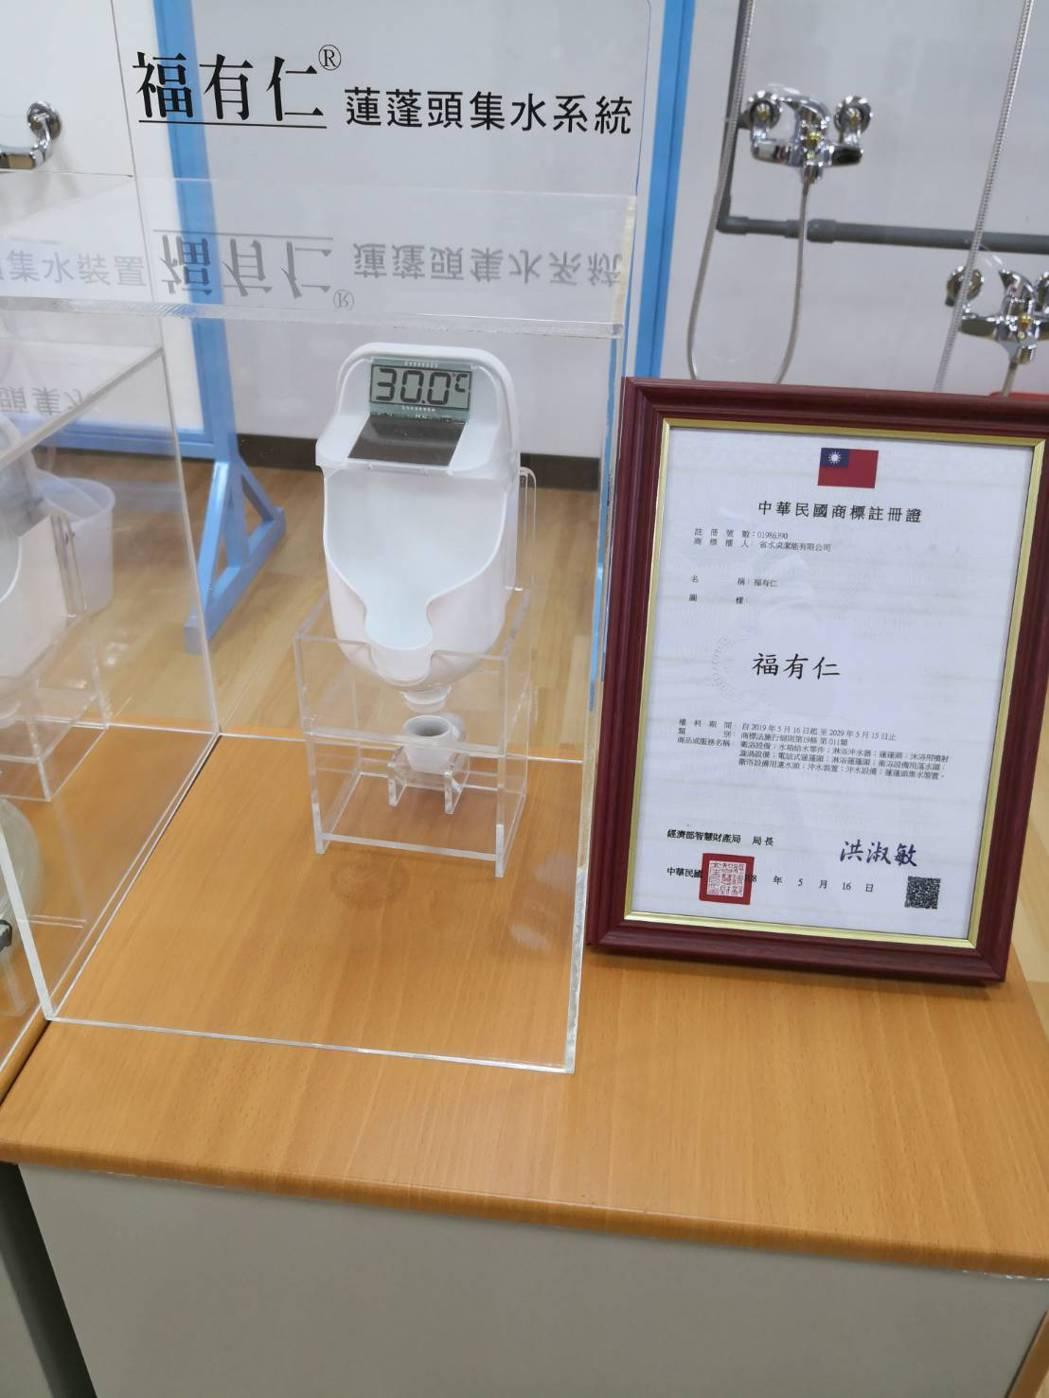 福有仁蓮蓬頭集水系統專利 省水奌潔能/提供